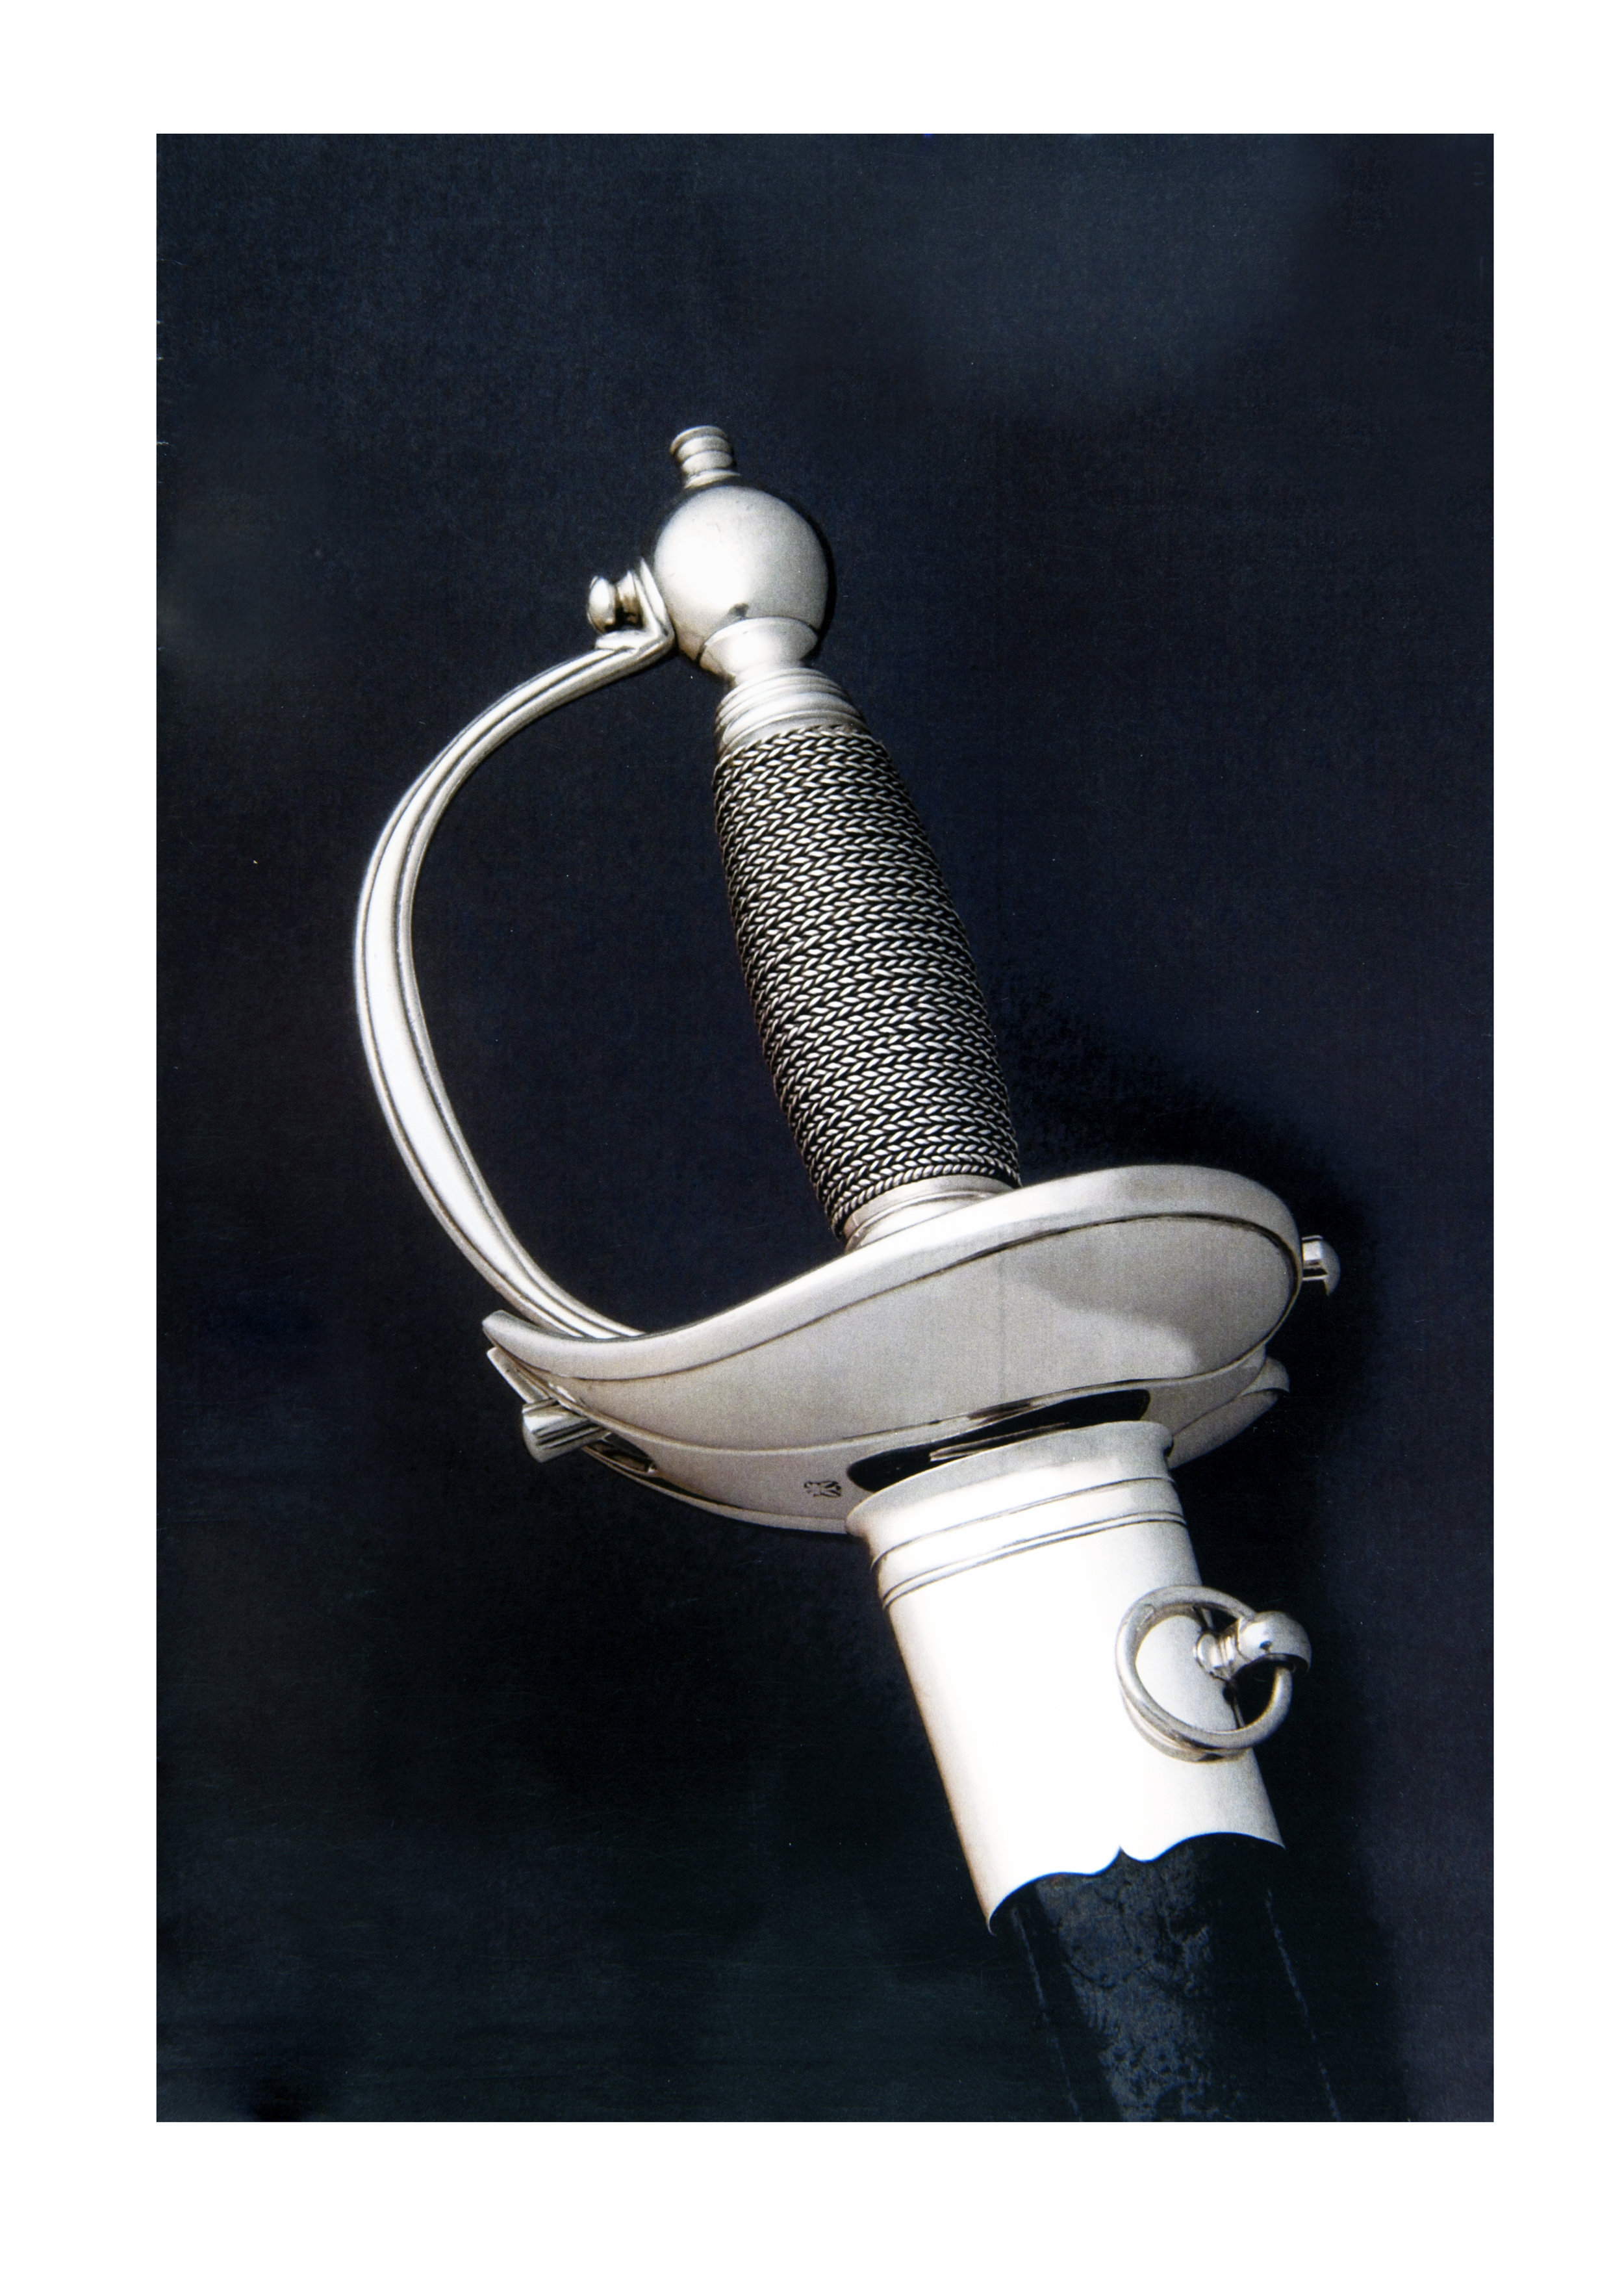 Epée d'apparat Charles-Guillaume Bonvêpre : 18ème siècle, garde et lame en argent, décor chaînette, fourreau en cuir noir à garniture d'argent (longueur : 88 cm)